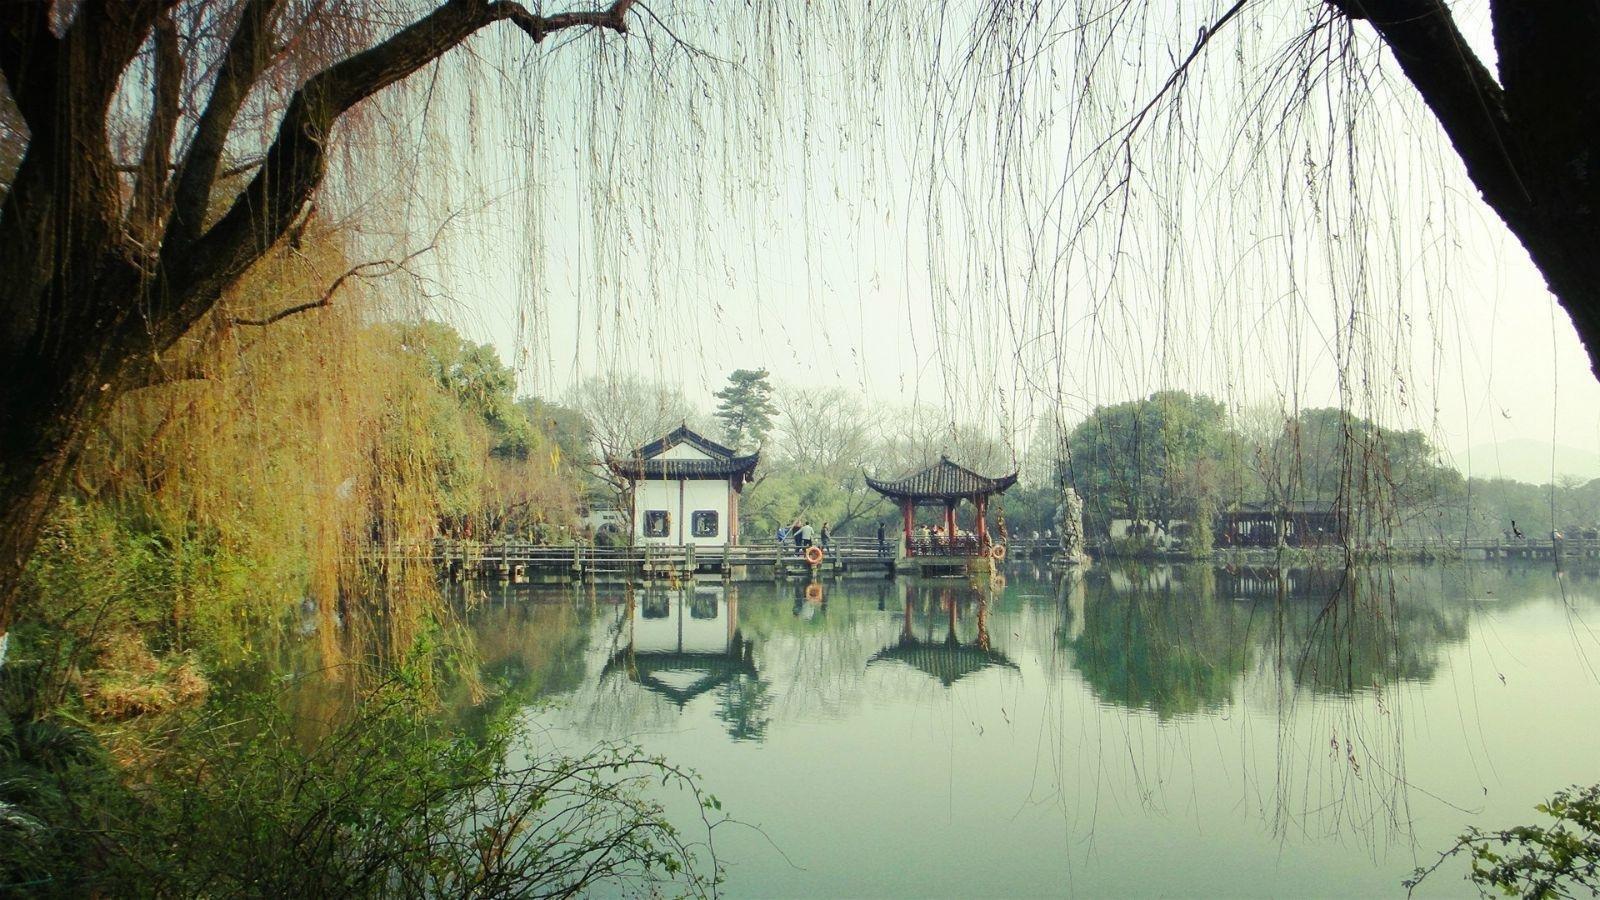 杭州,一个拥有传奇故事的城市